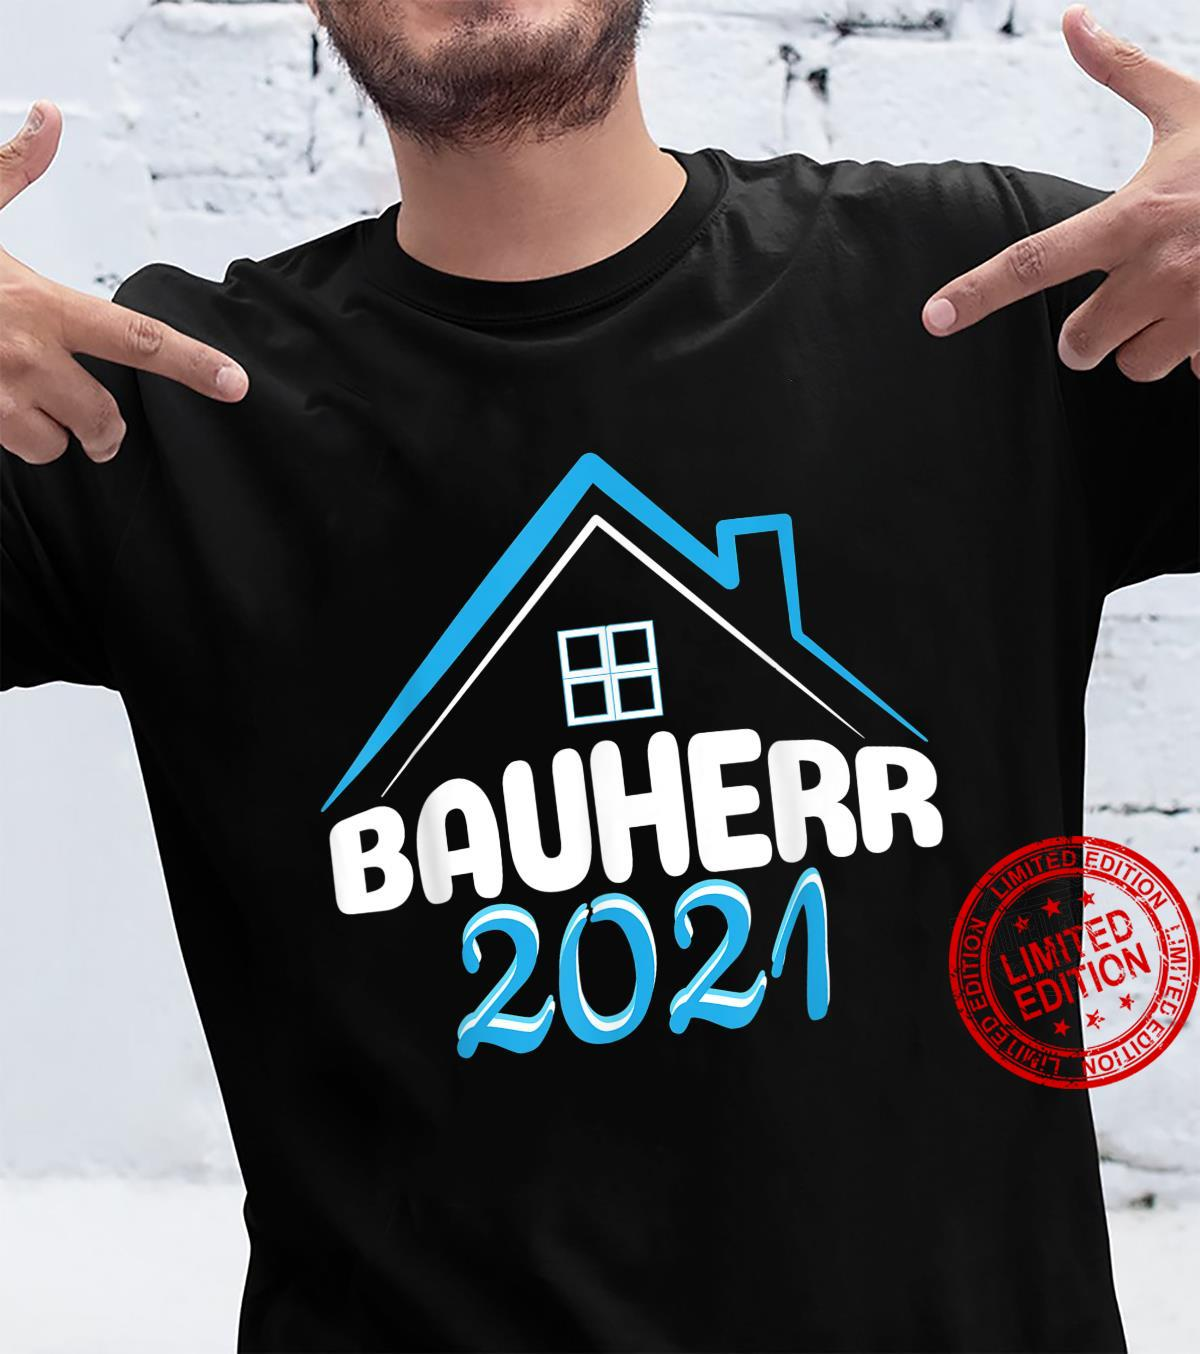 Herren Bauherr 2021 Geschenk zum Richtfest für Bauherren Shirt